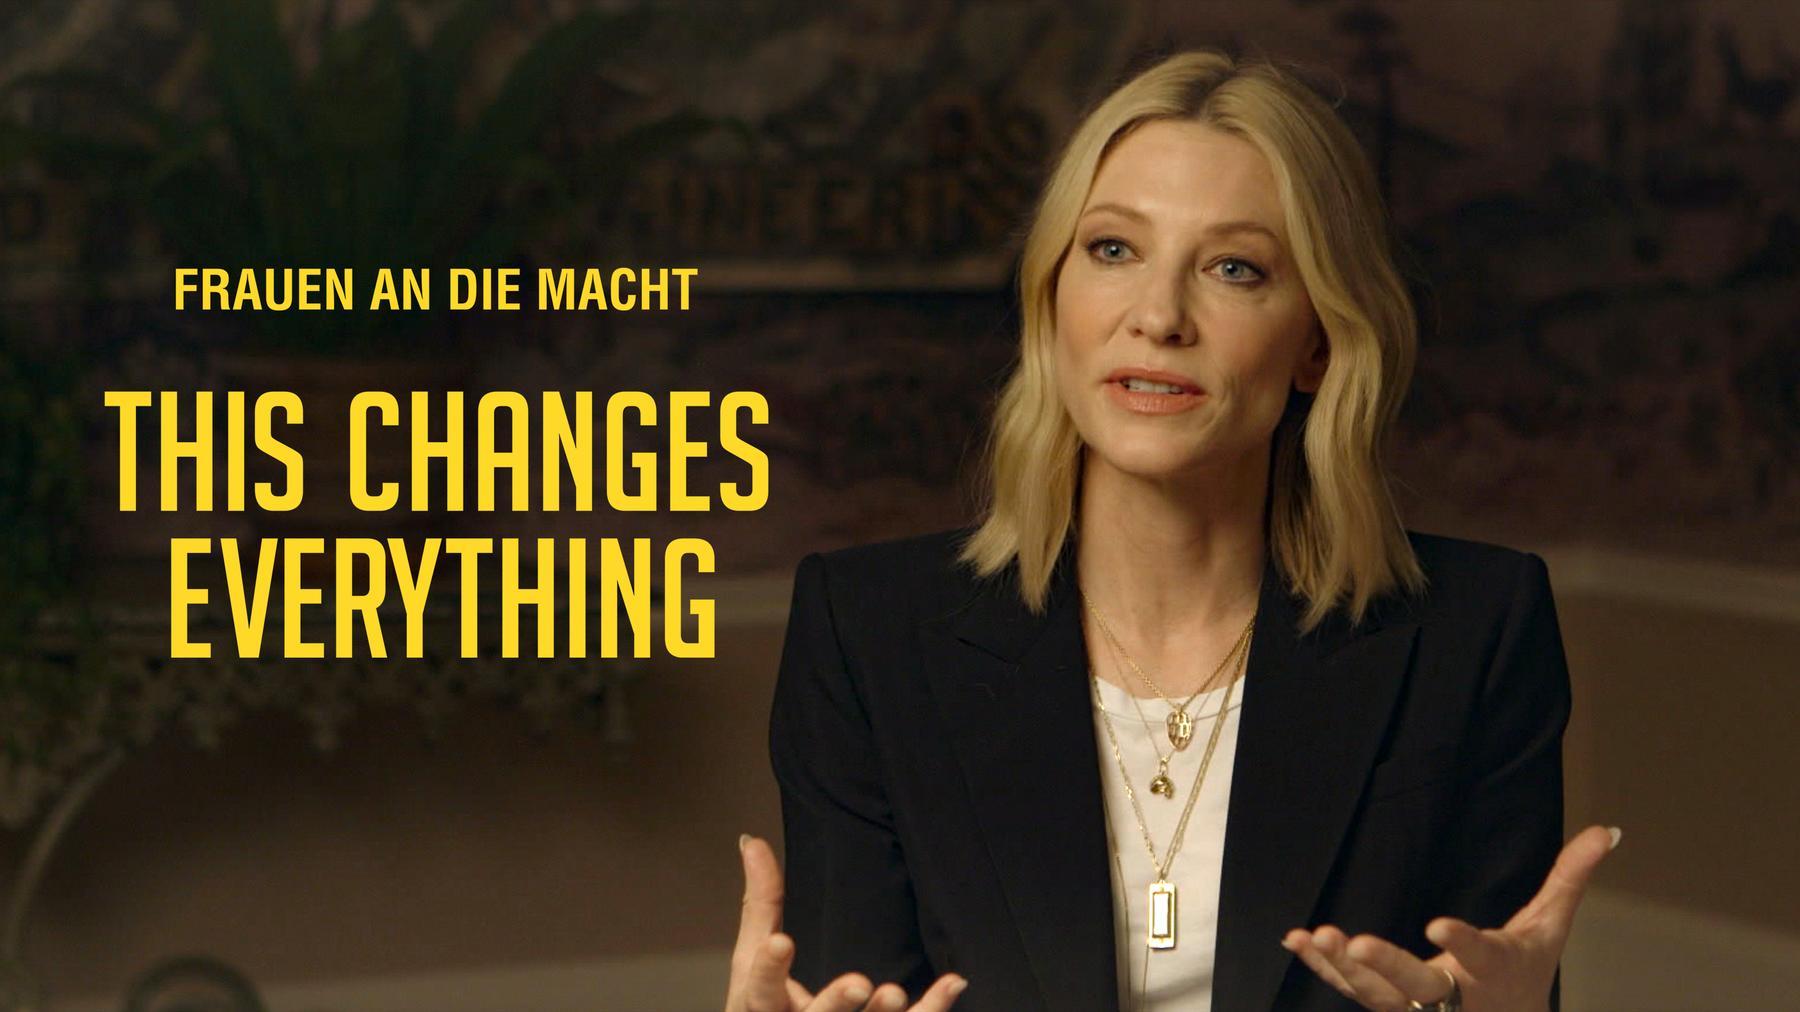 This Changes Everything - Frauen an die Macht